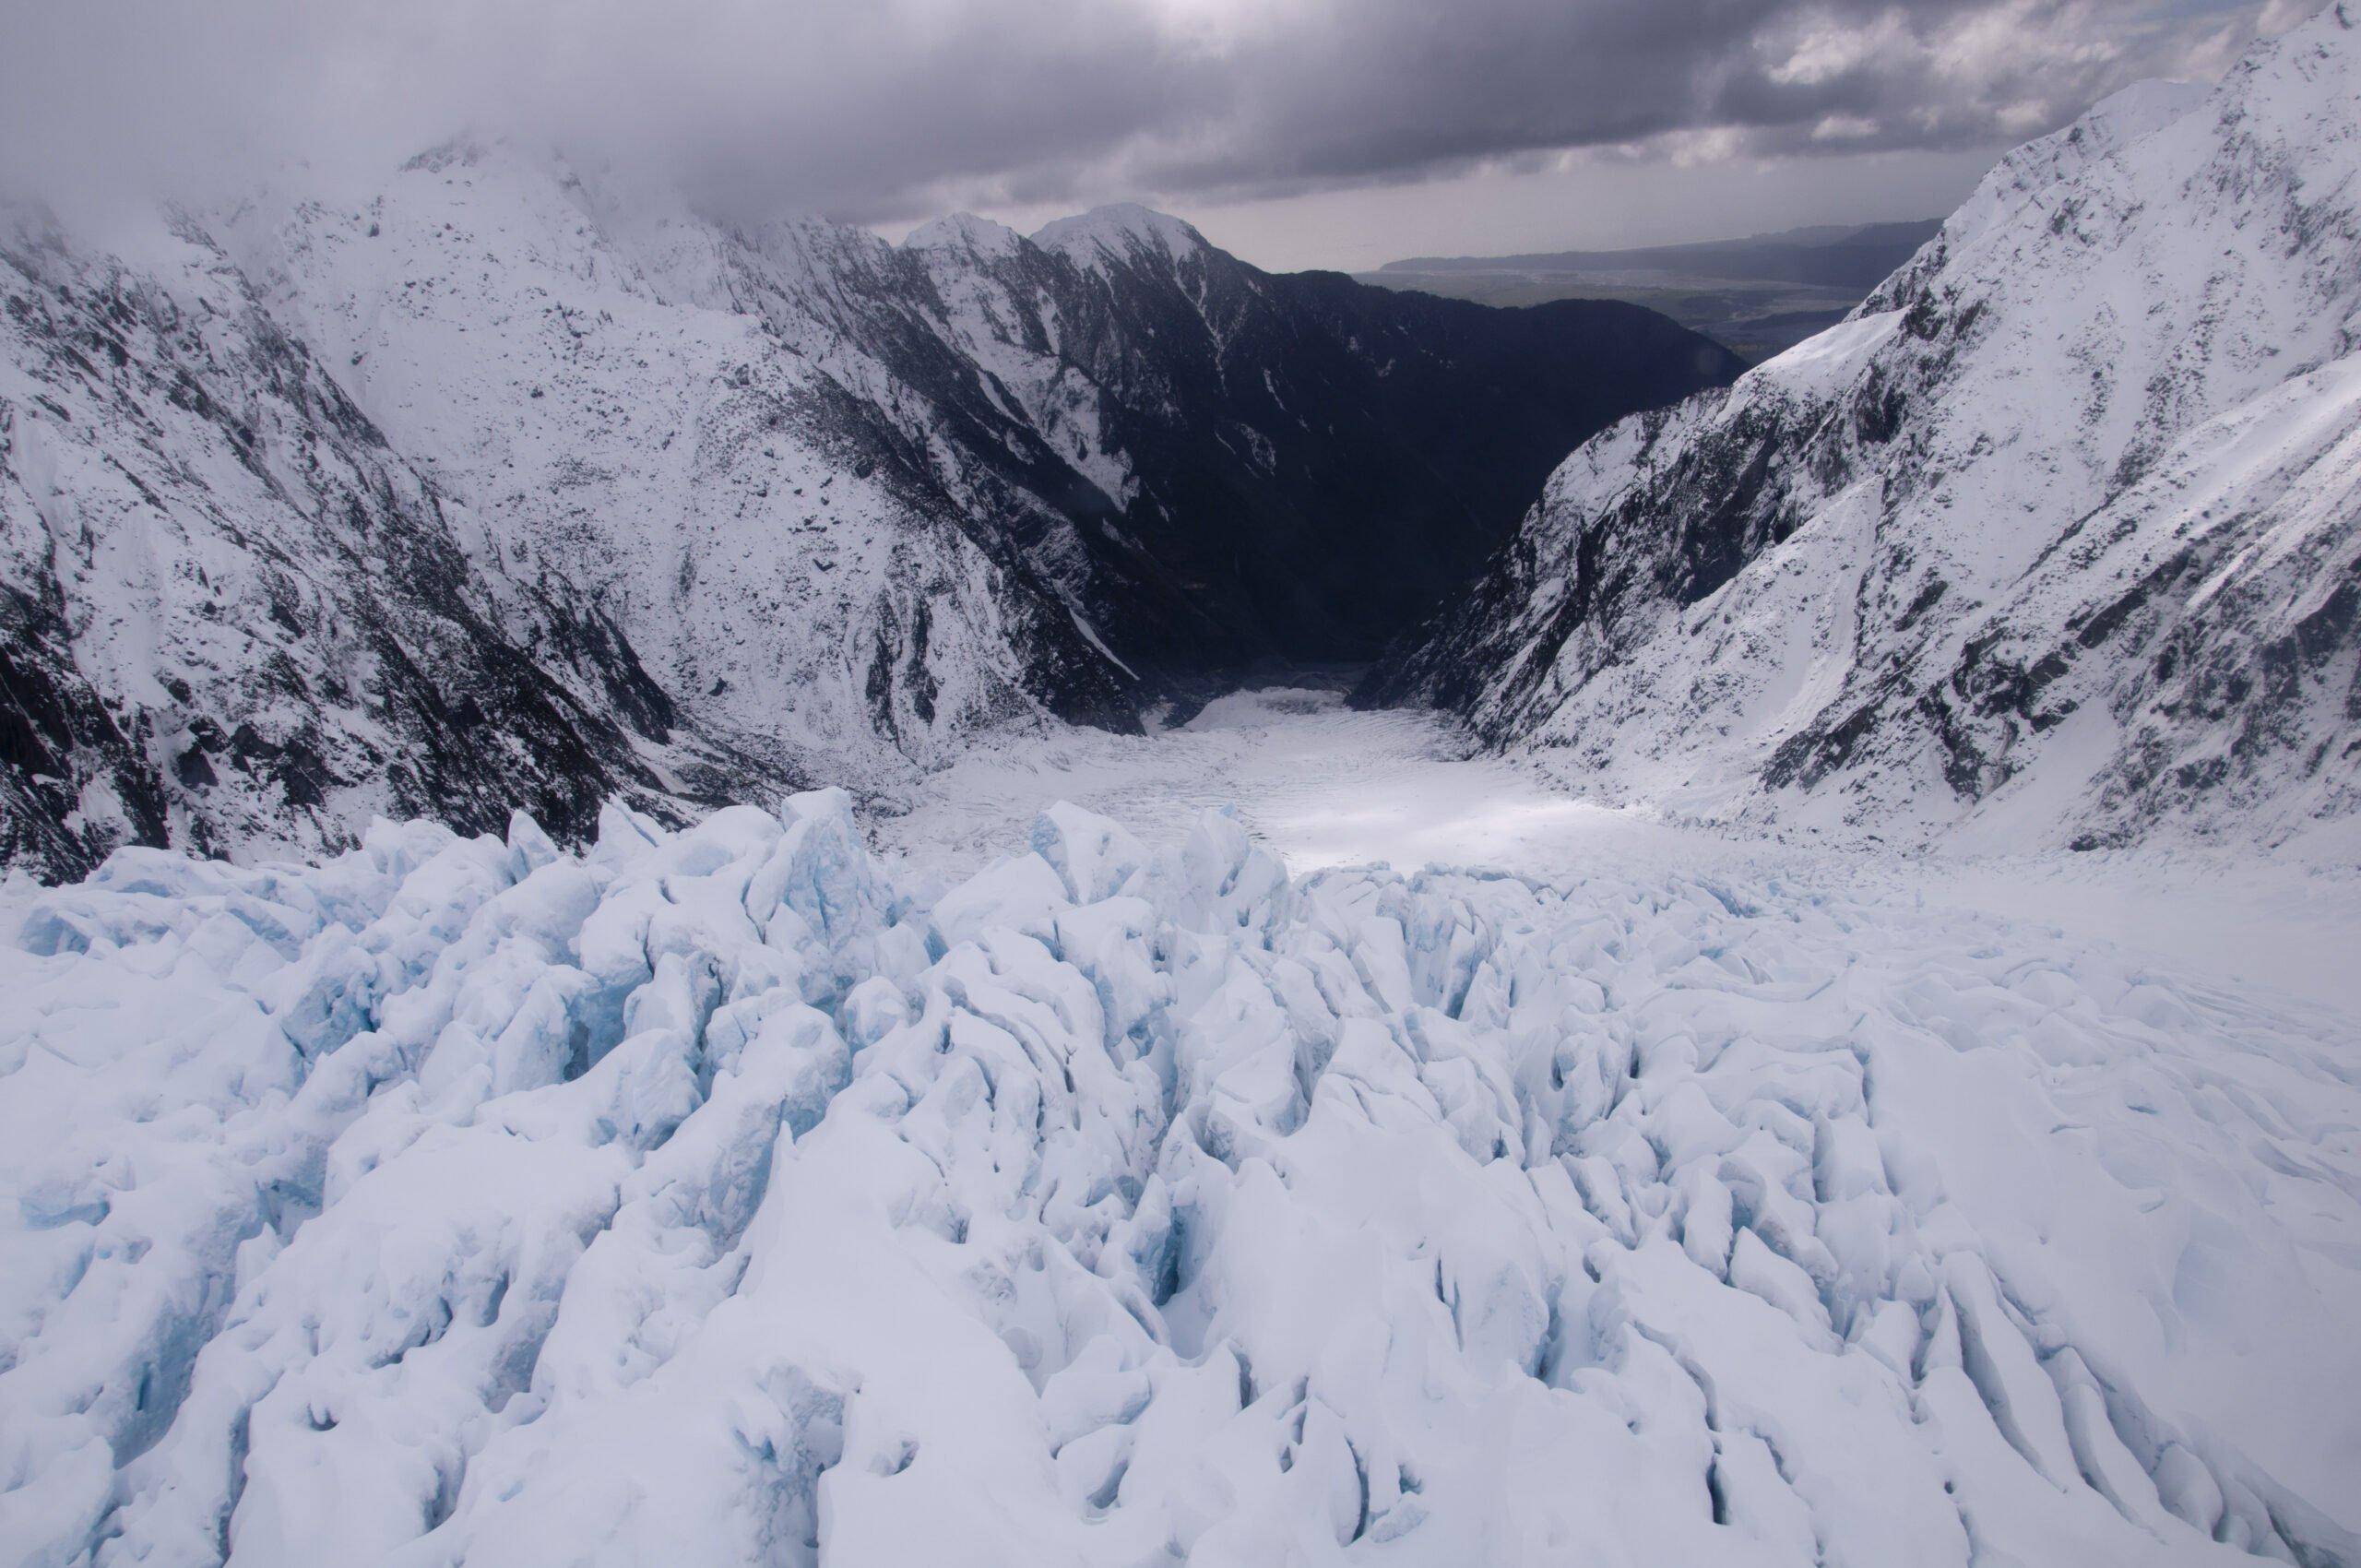 New Zealand Franz Joseph Glacier